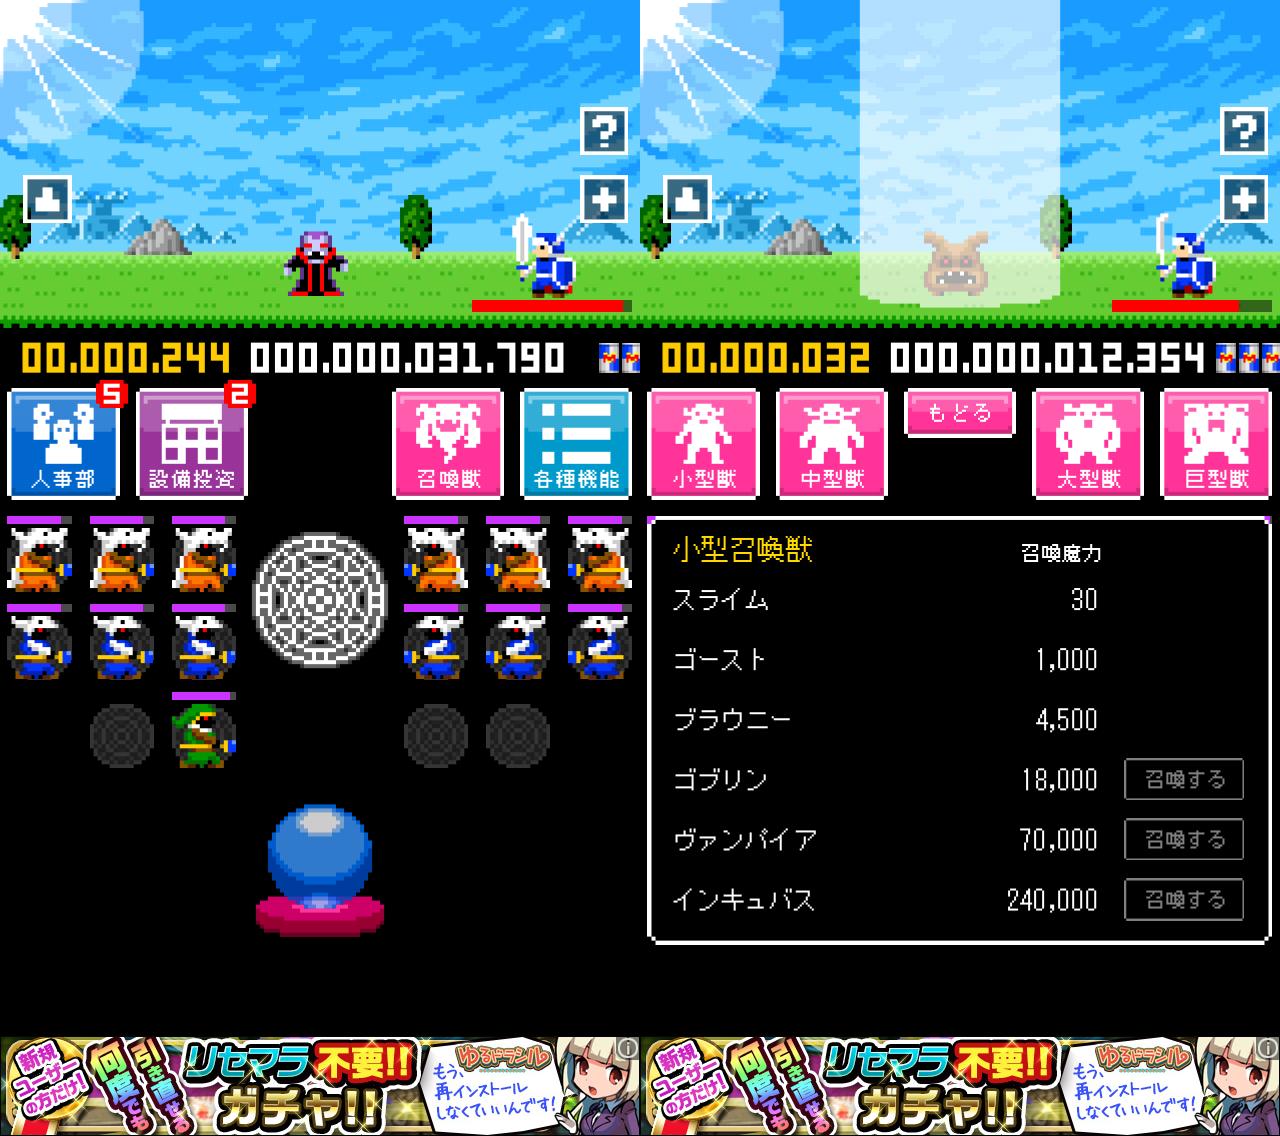 召喚カンパニー androidアプリスクリーンショット1